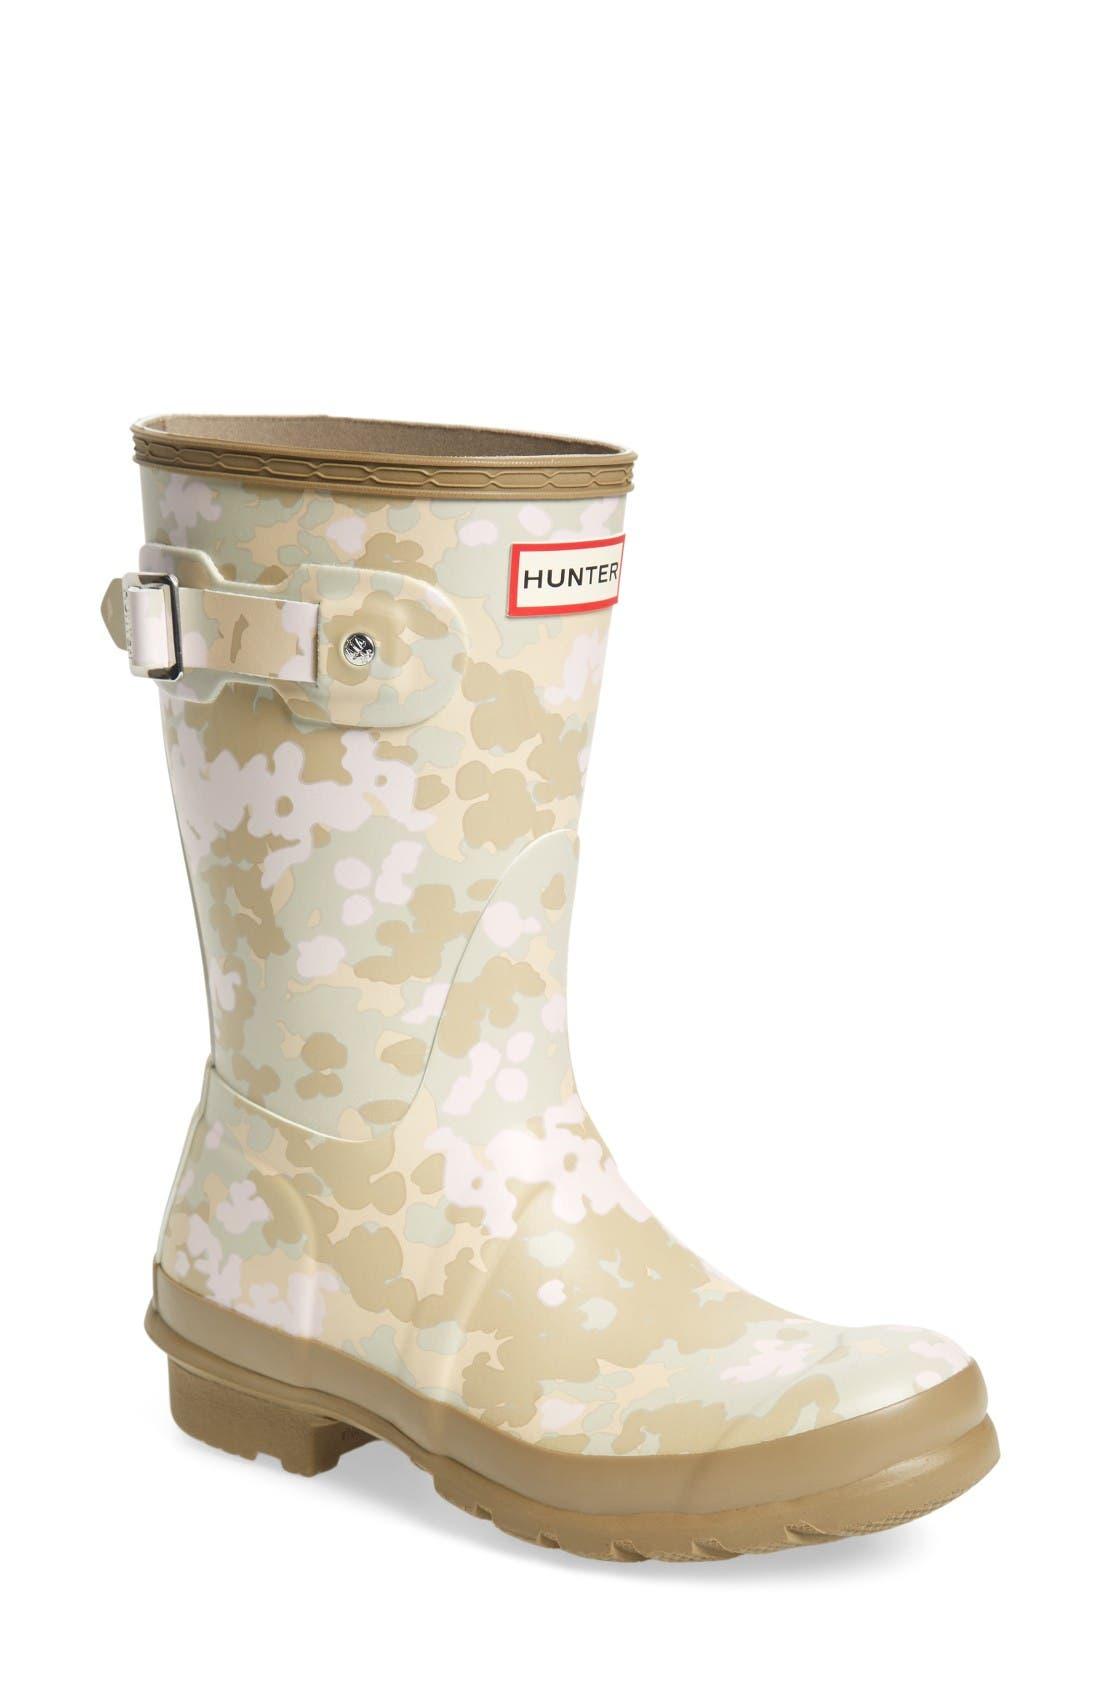 HUNTER Original Short - Flectarn Rain Boot